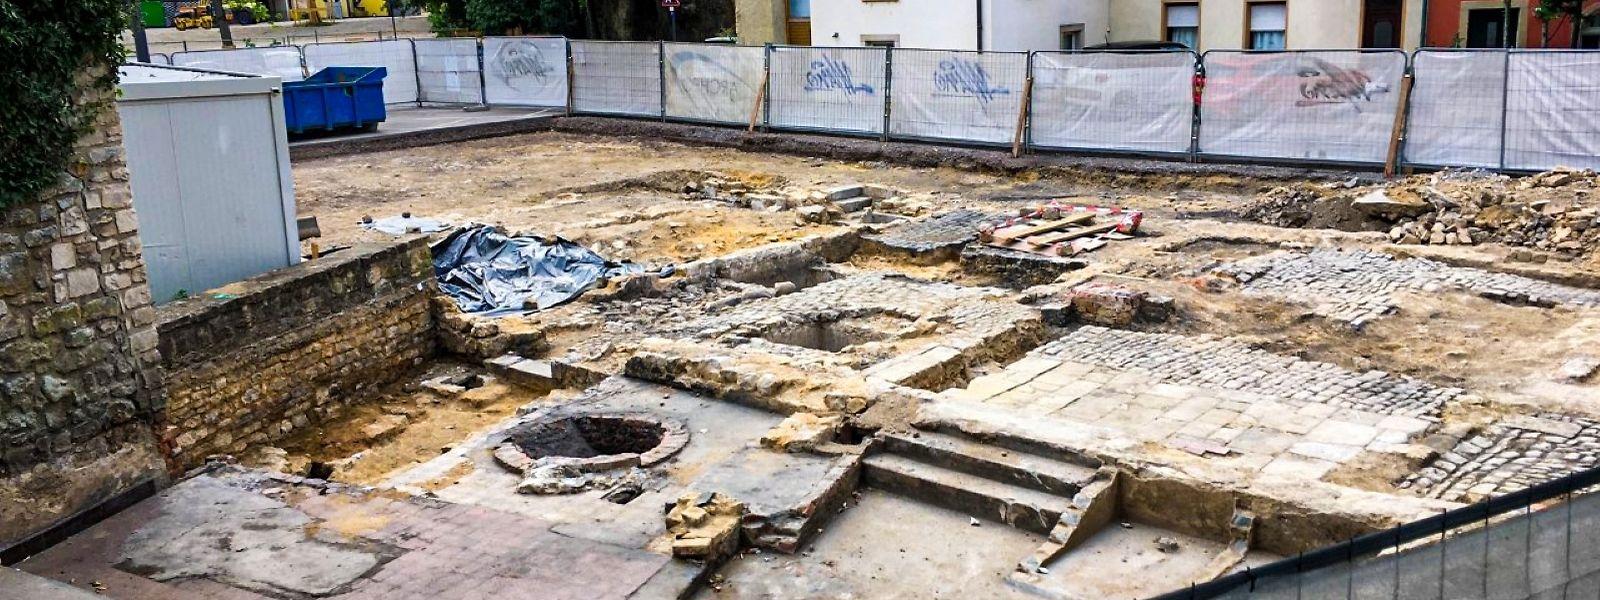 Die Funde stammen aus dem 11. Jahrhundert.